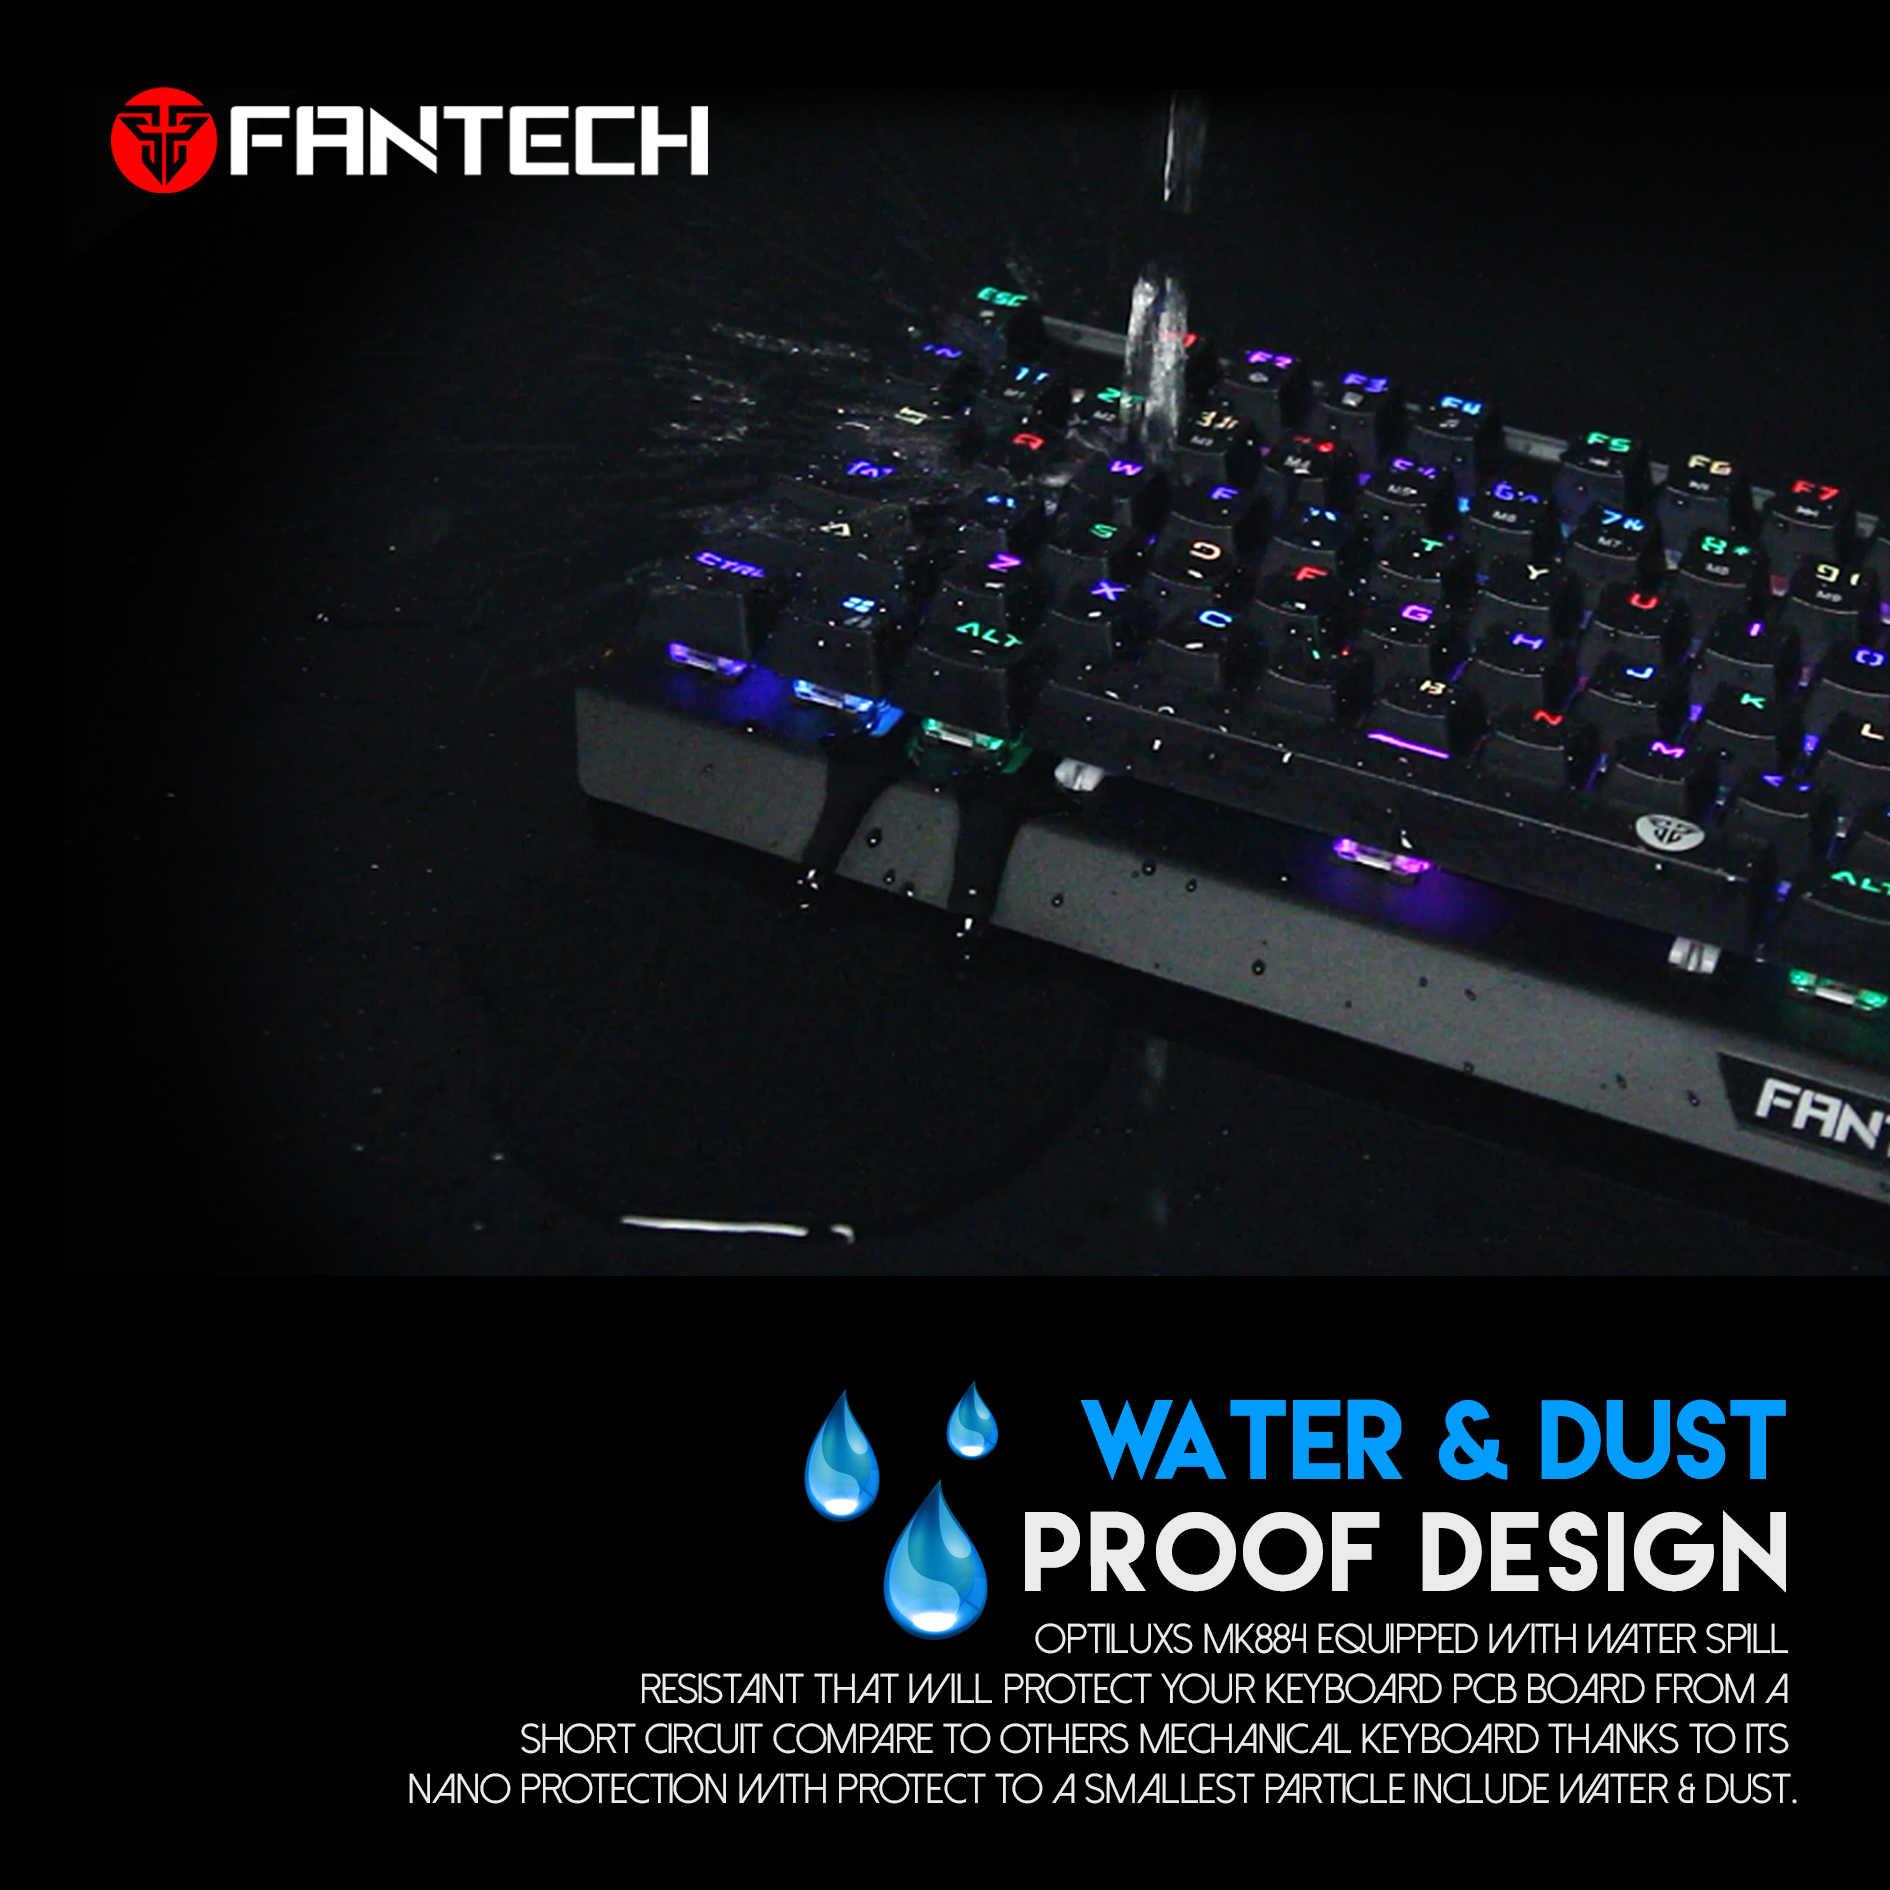 Bàn phím cơ Gaming Optical Orange Tactile Switch Led RGB chống nước, chống bụi, chống mài mòn Fantech MK884 - Hàng chính hãng